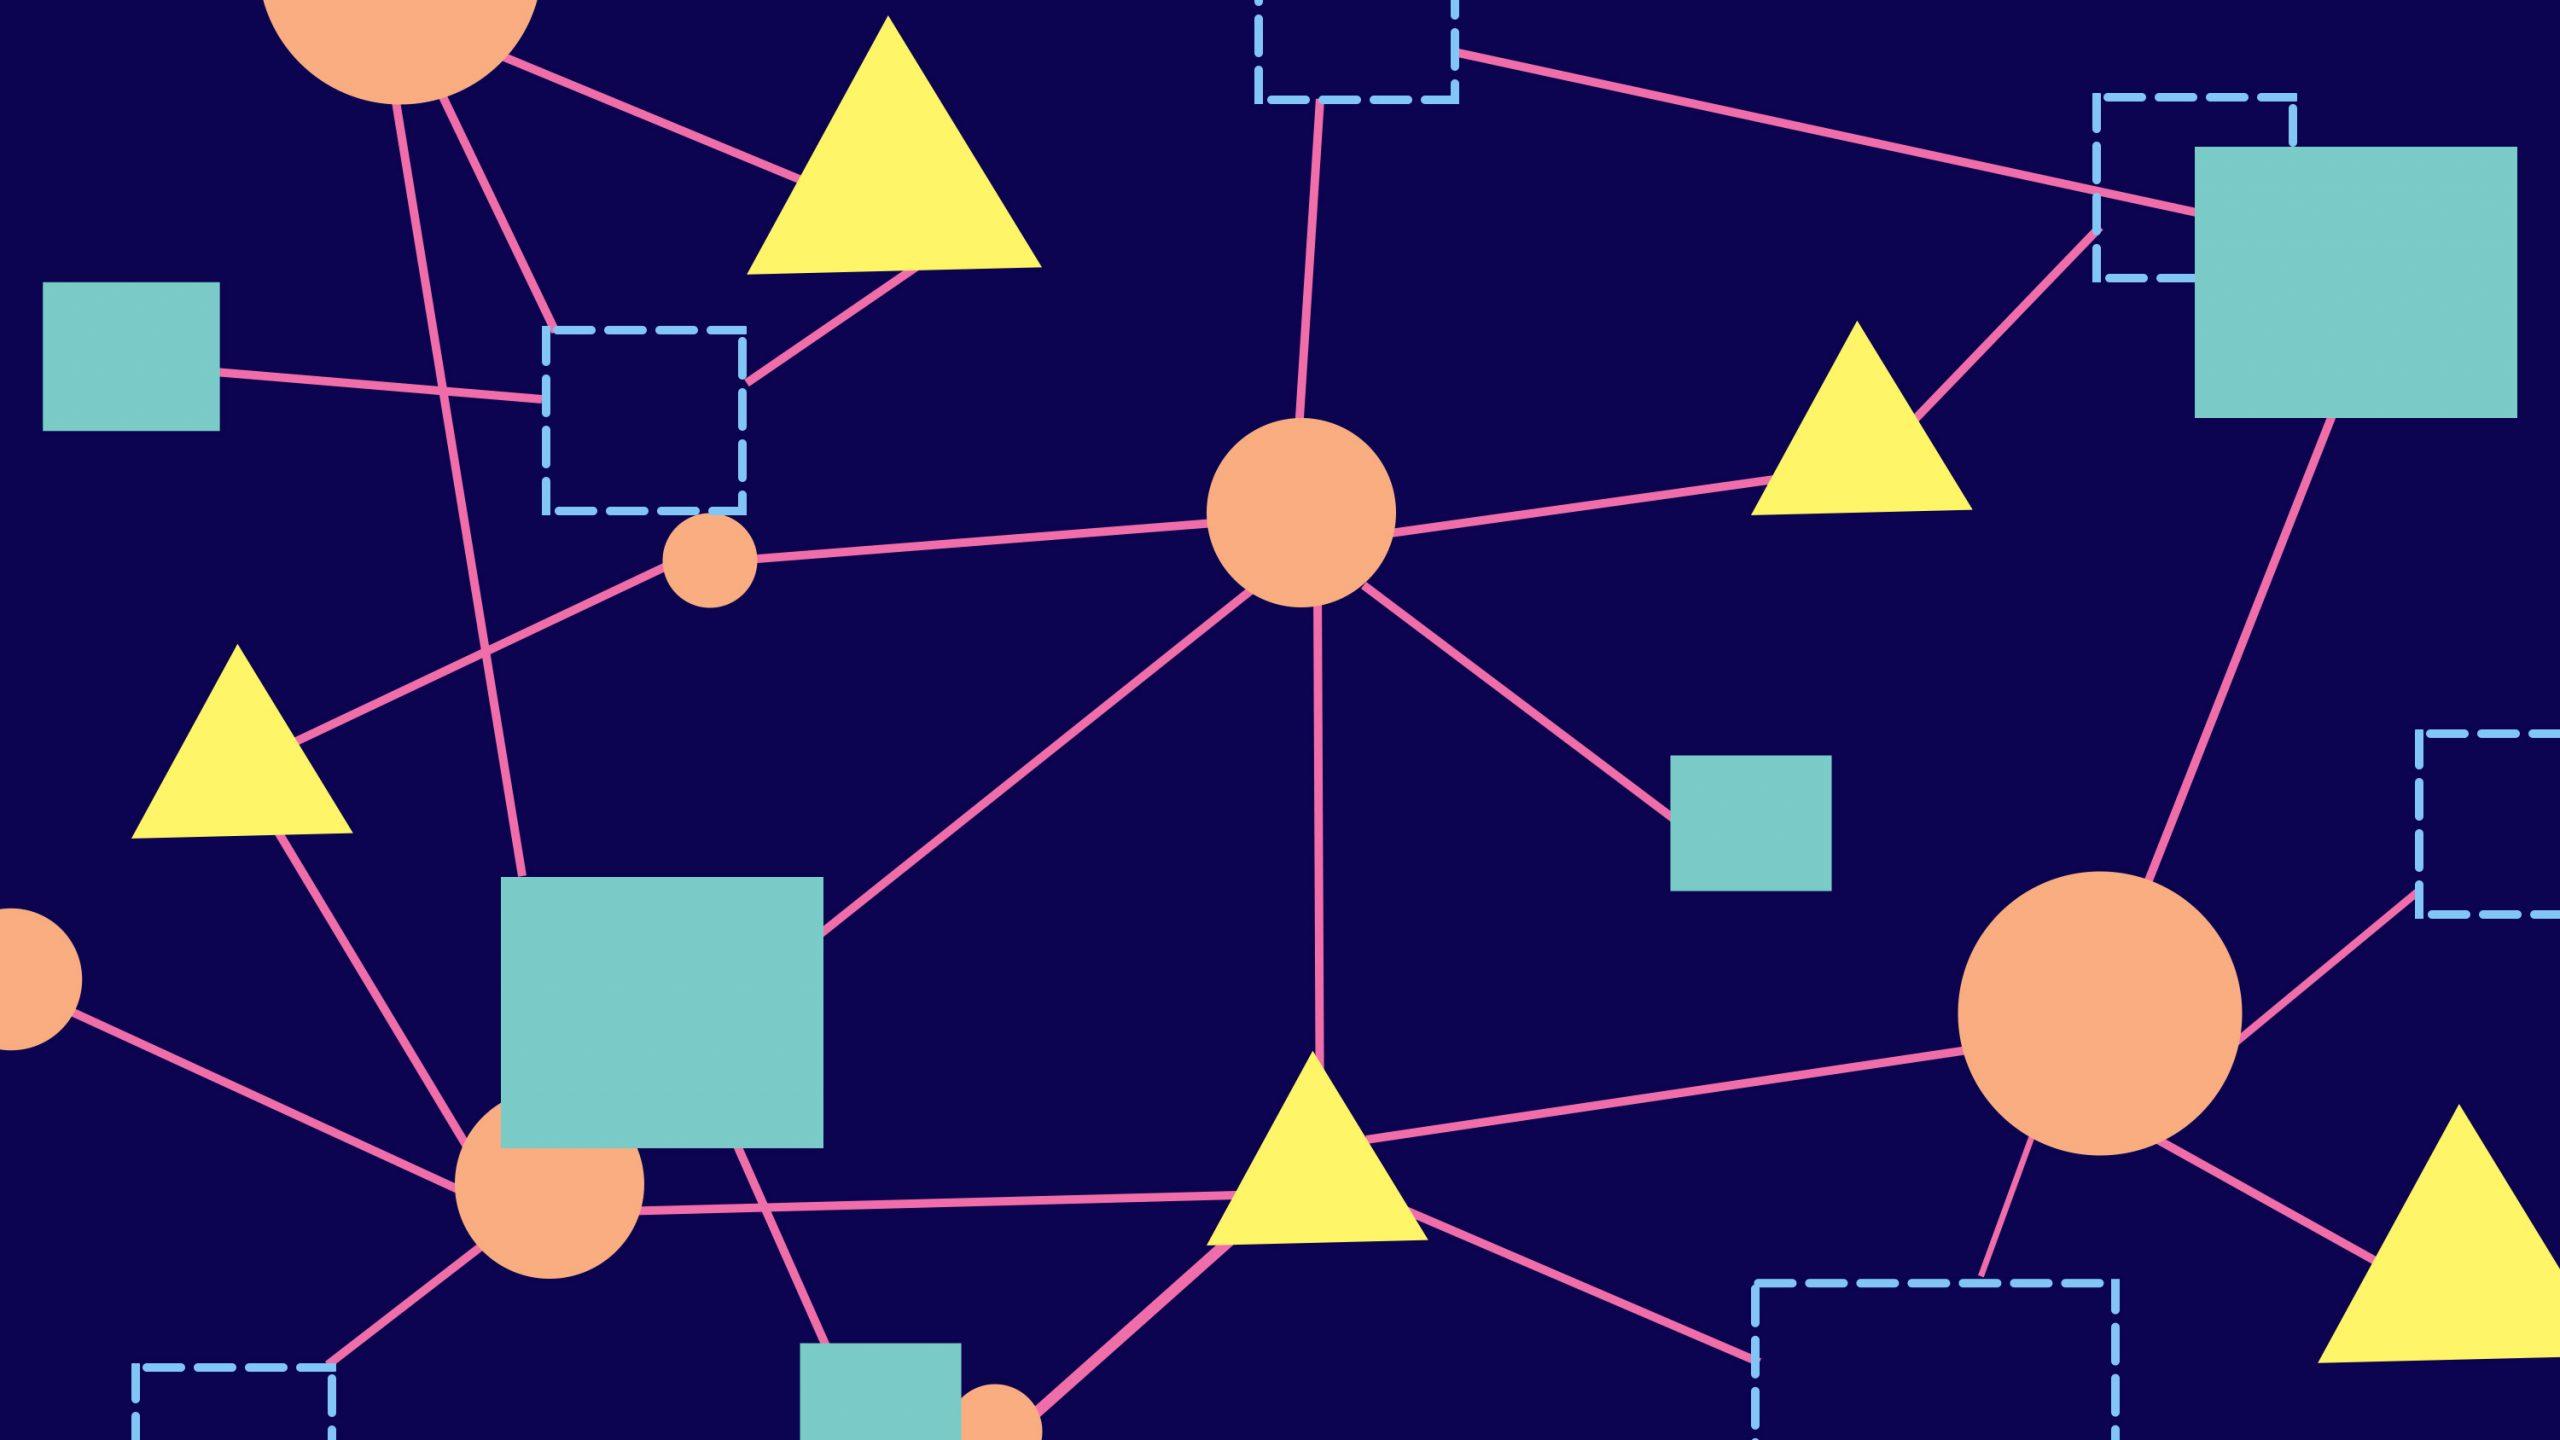 全世界のWebから知識を構築、グーグル超え目指すAI企業